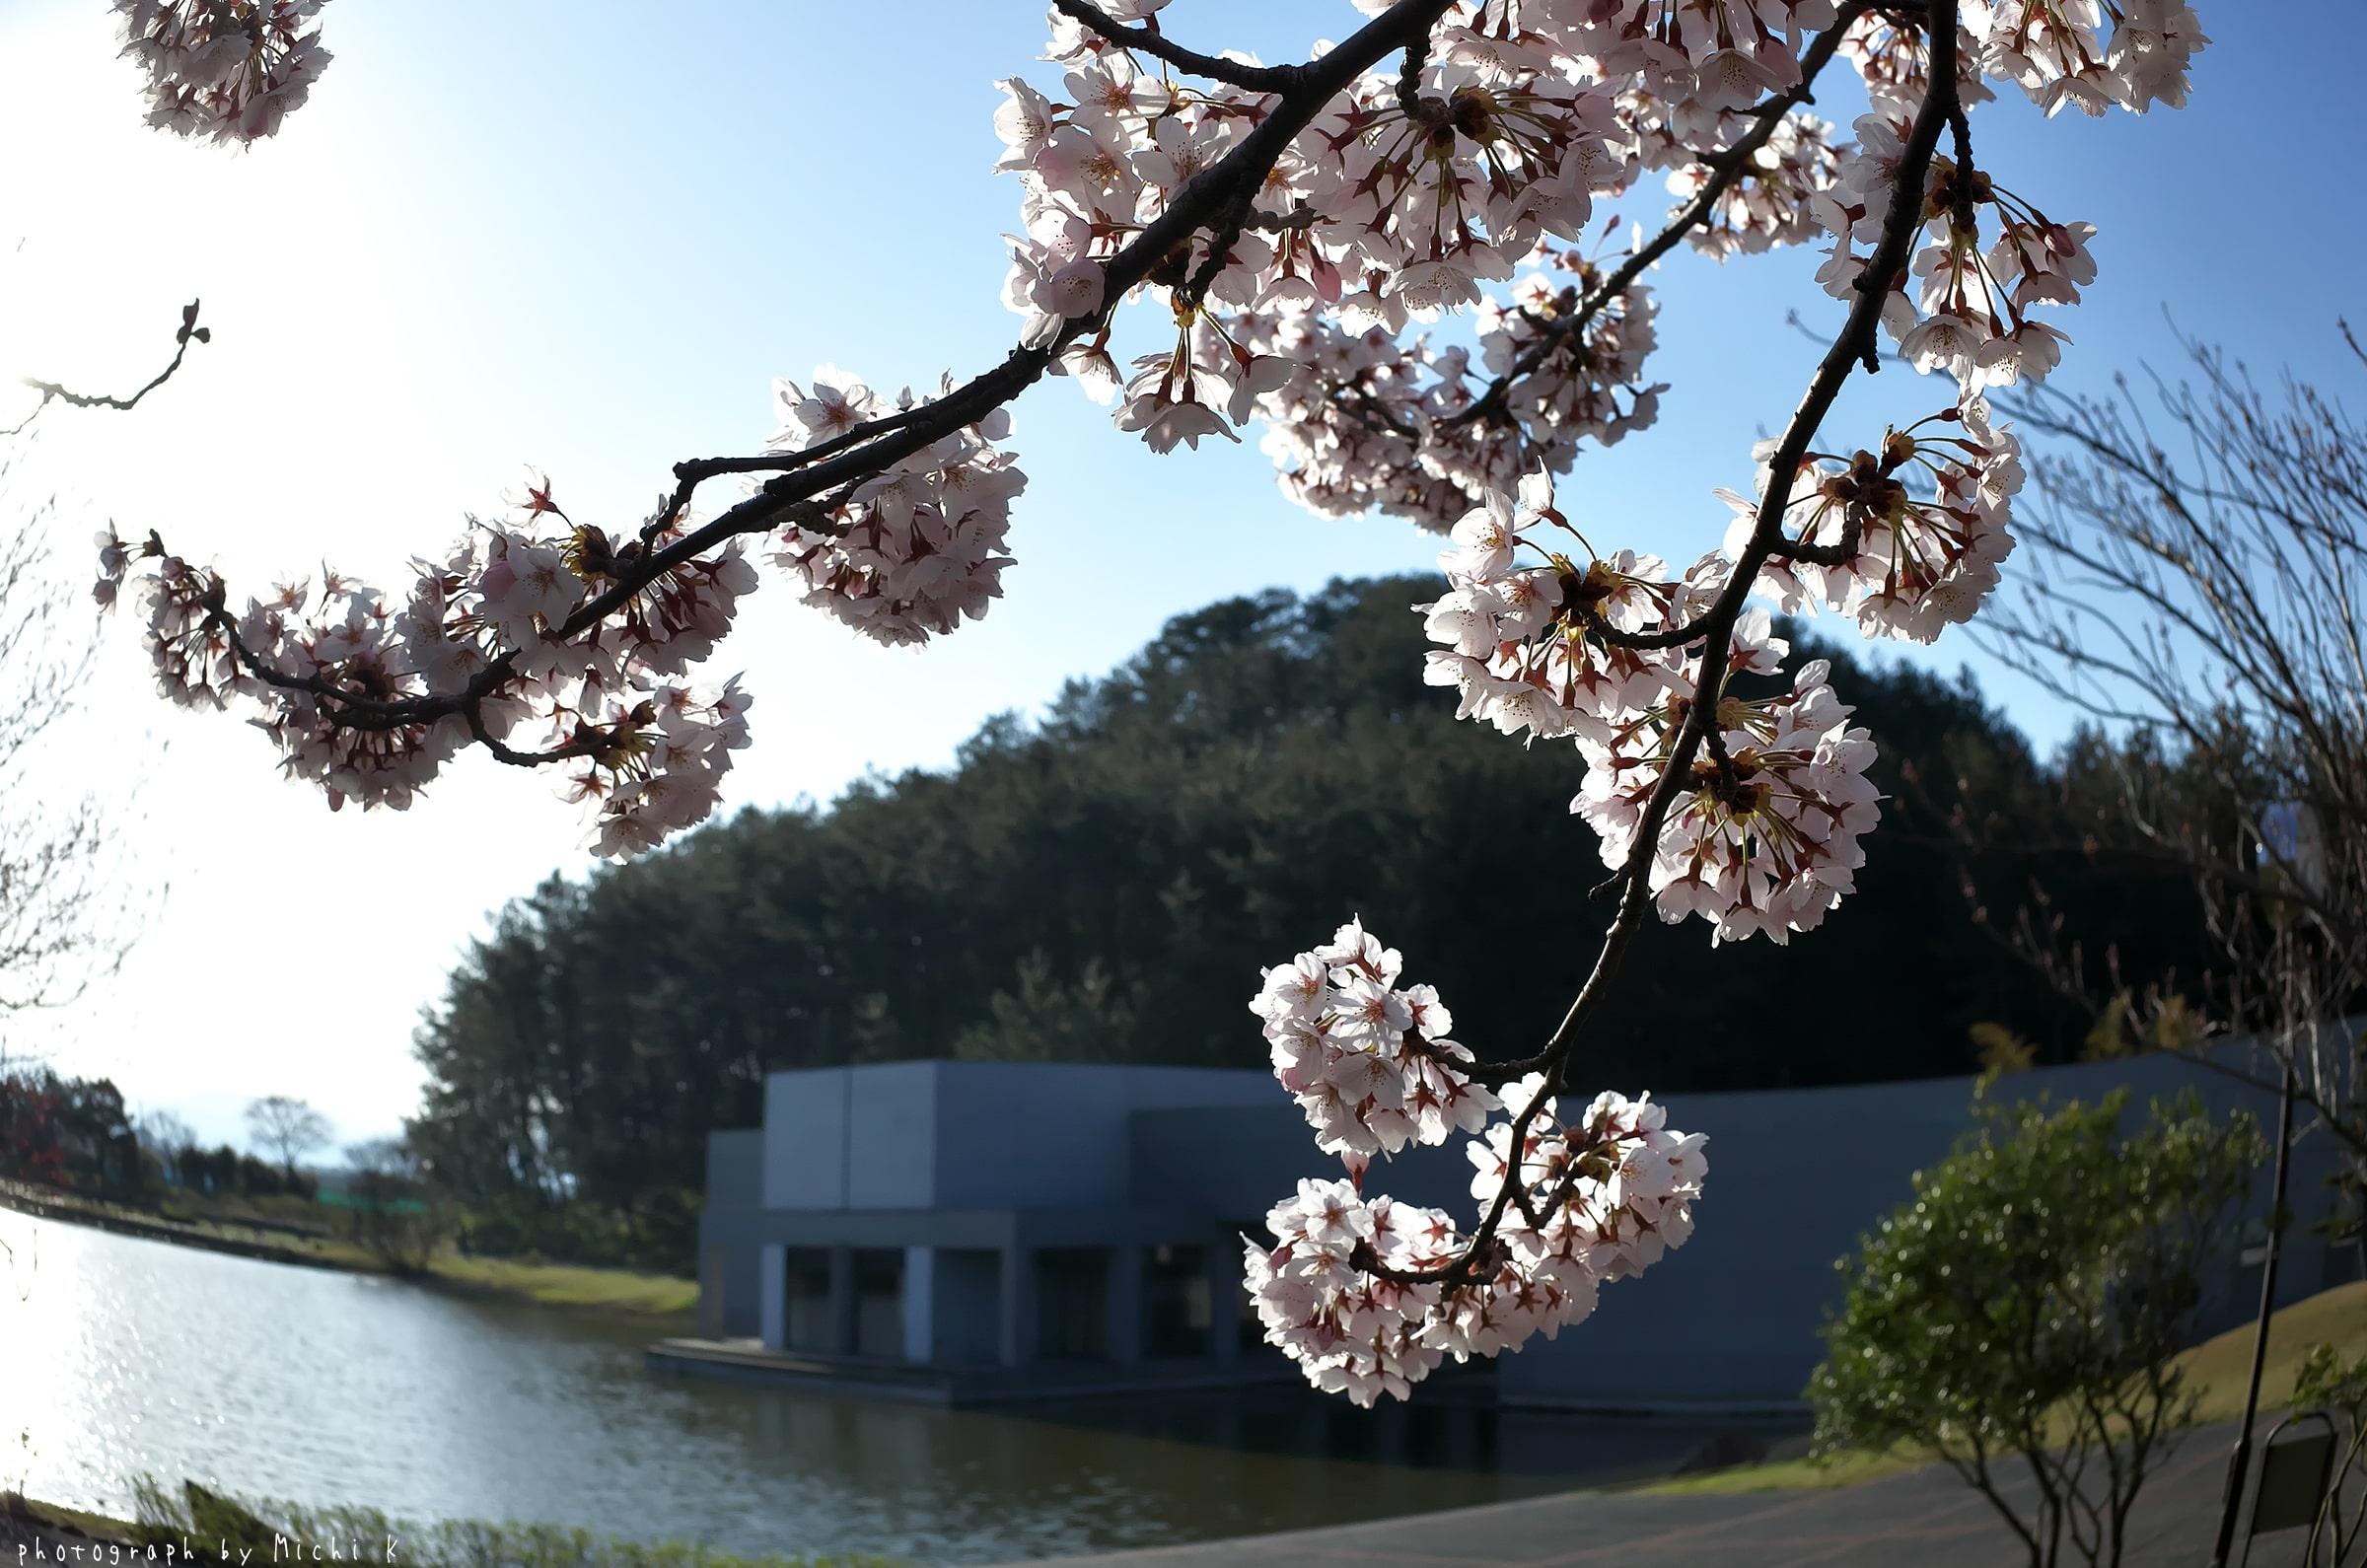 土門拳記念館2019-4-20 朝(写真その5)